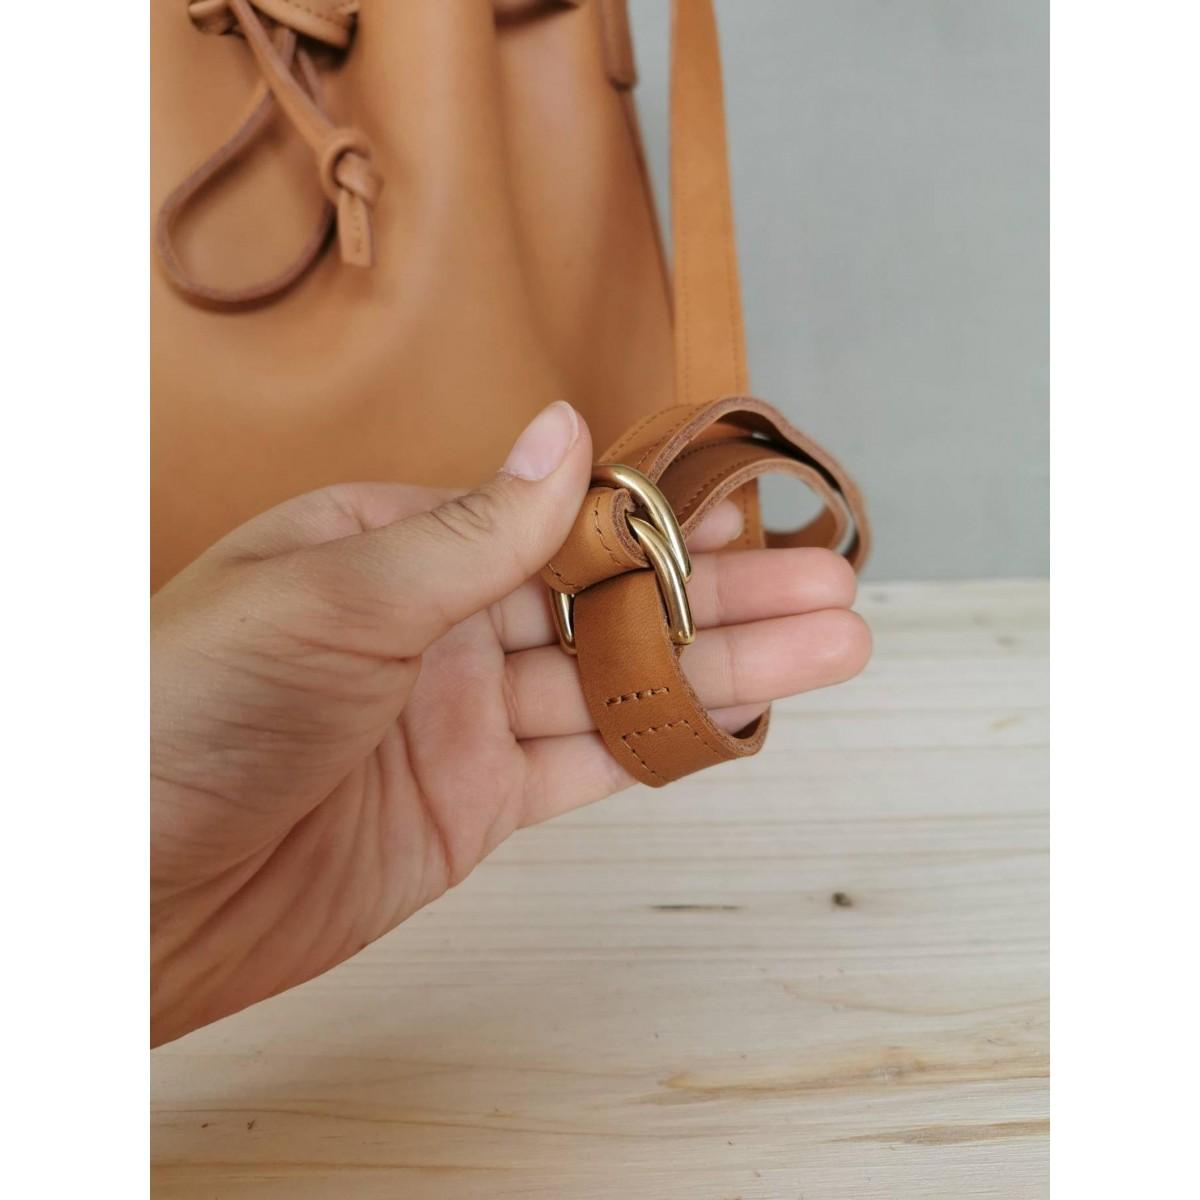 BSAITE / Leder Bucket Bag / Leder Beuteltasche